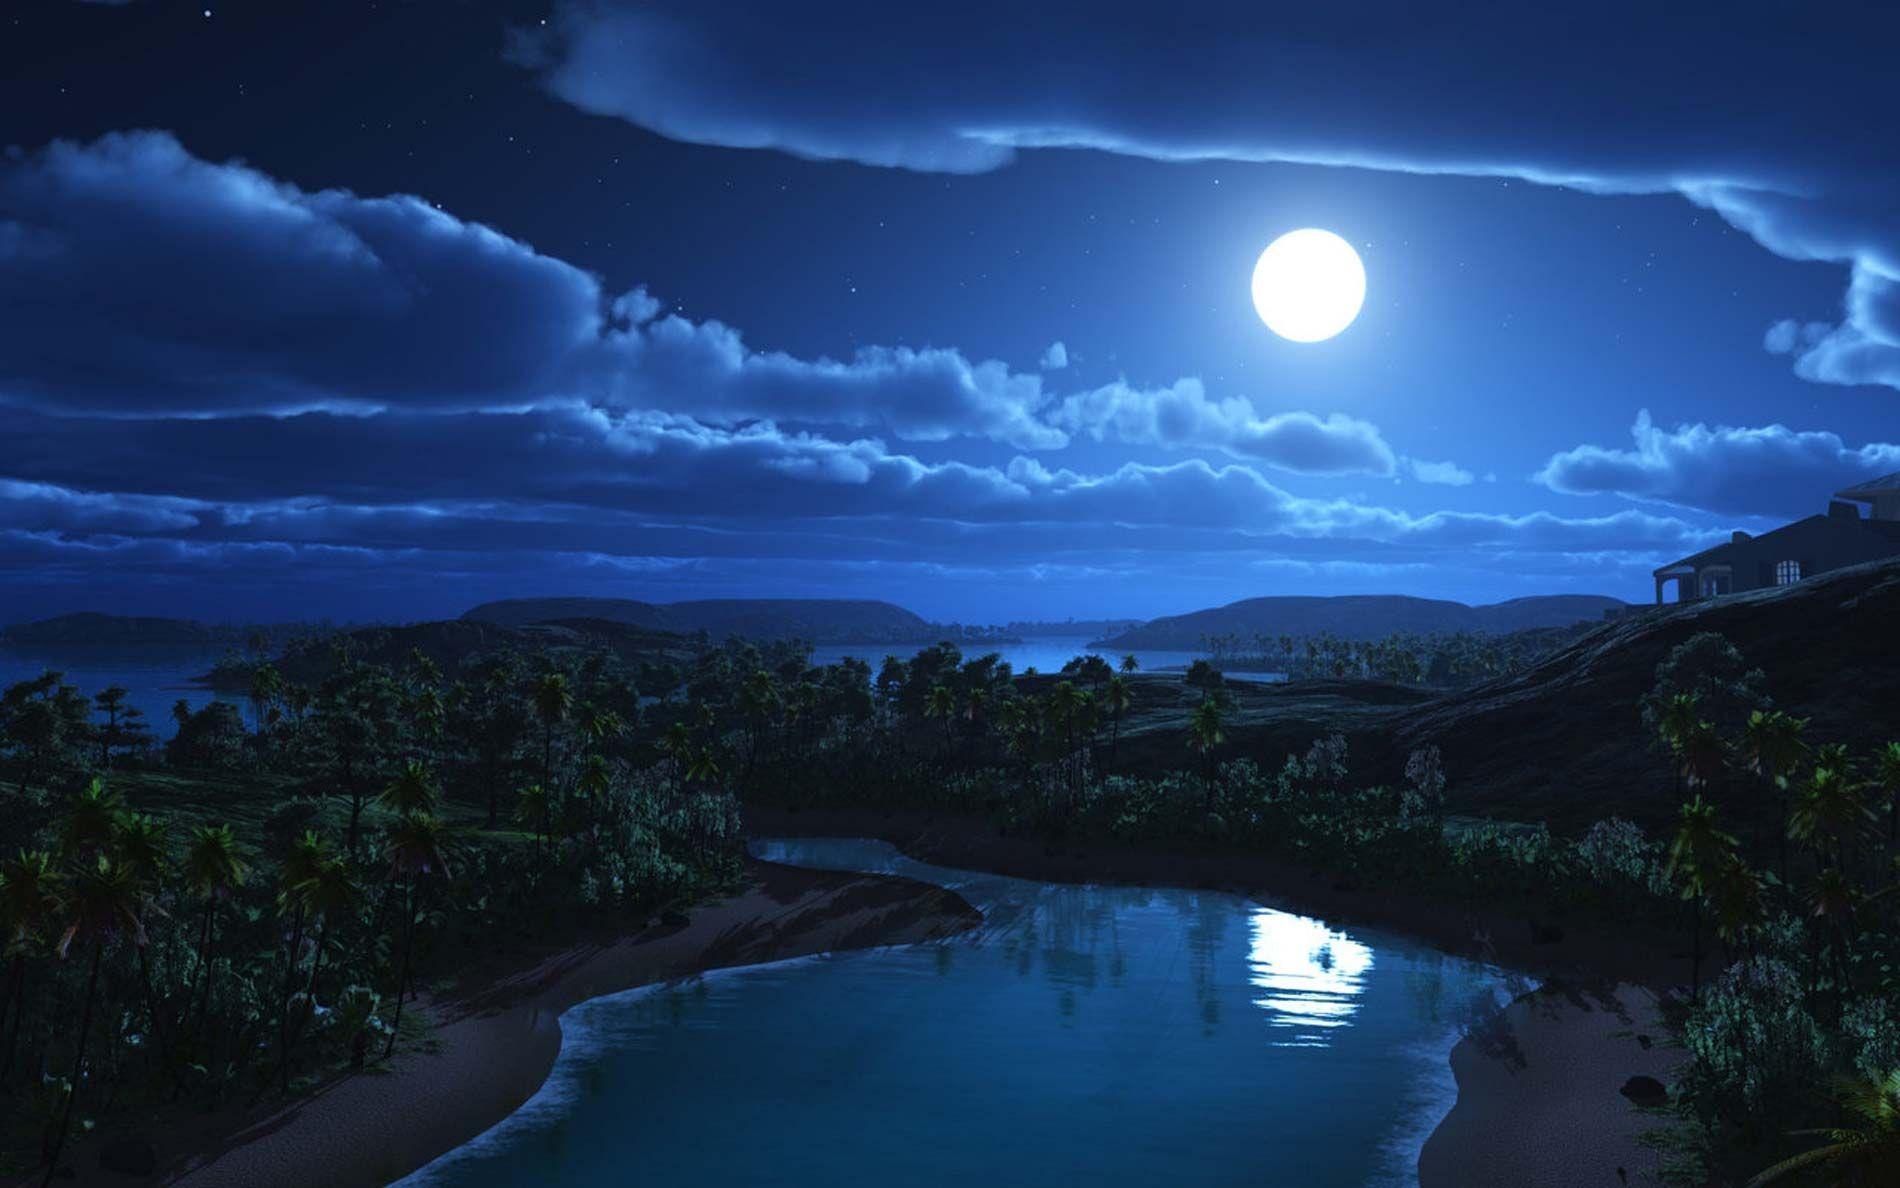 Fondo Pantalla Paisaje Luna  Noche Y Estrellas